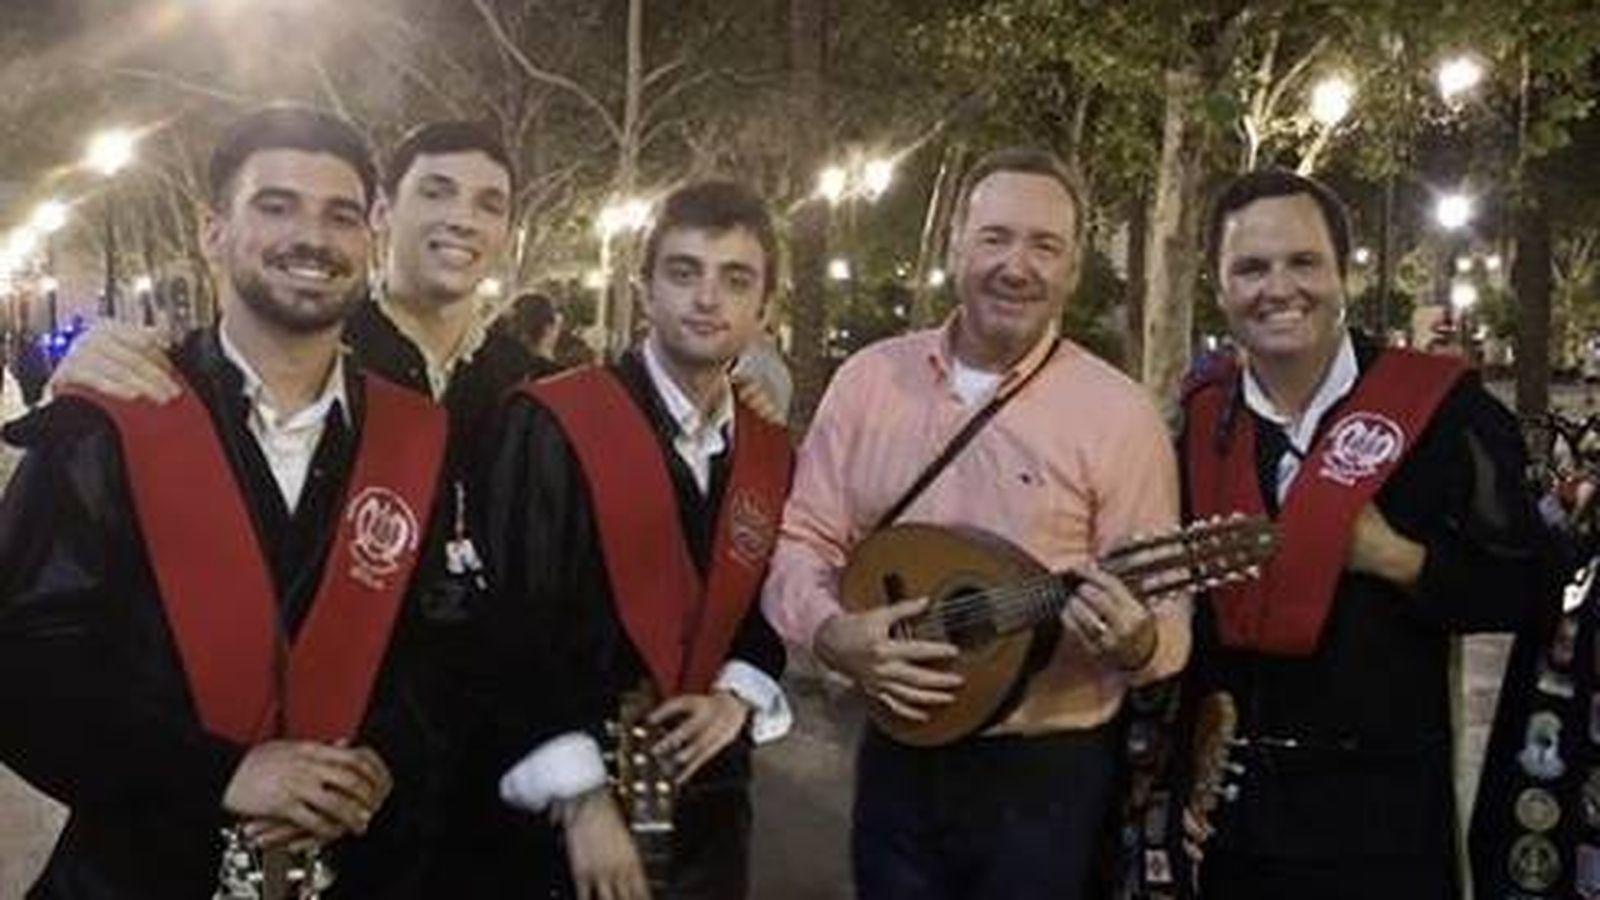 Foto: Kevin Spacey y la tuna en Sevilla. (Instagram)